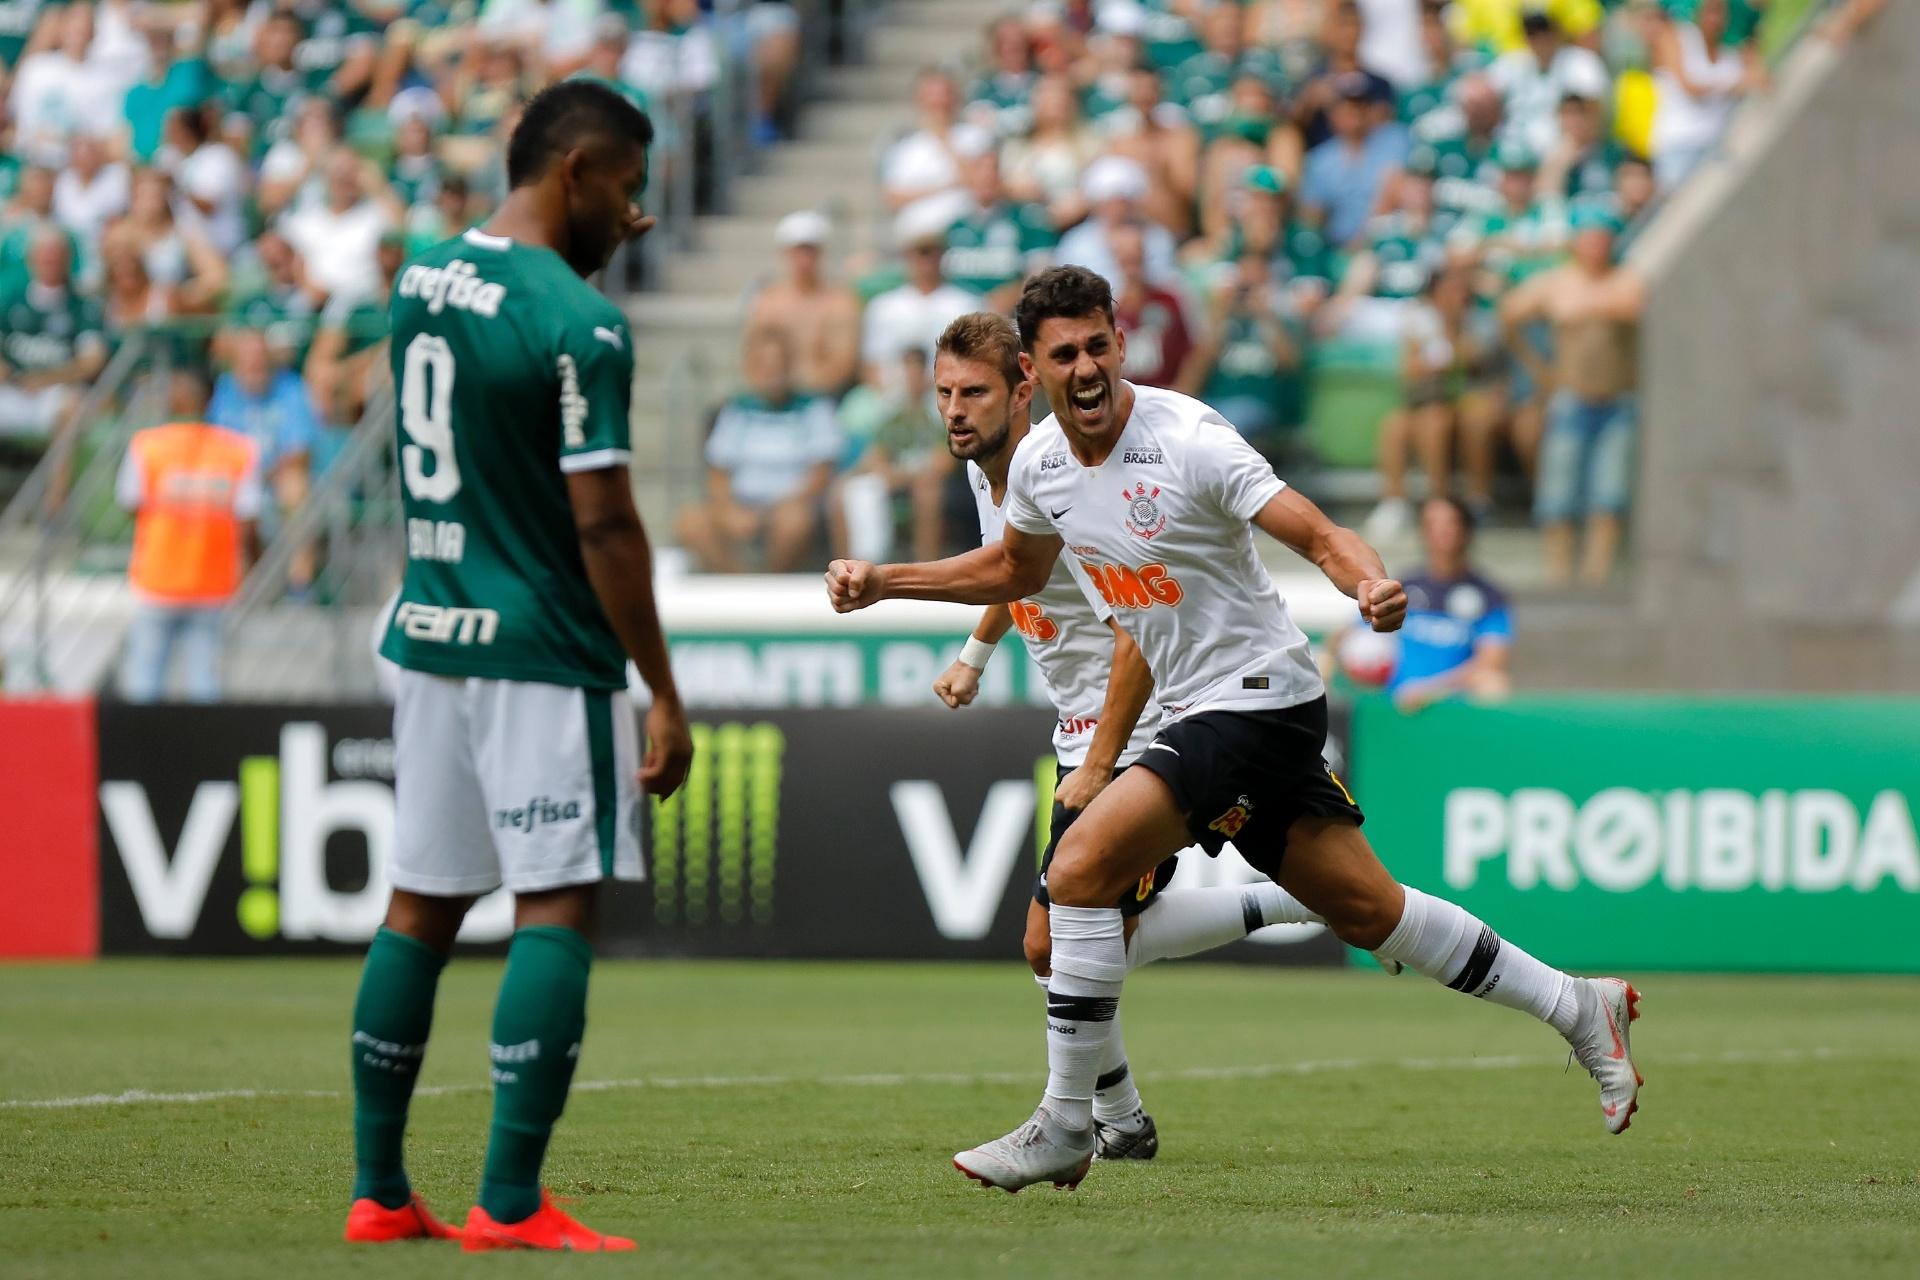 [Comente] Você é a favor da renovação de contrato do lateral Danilo Avelar?